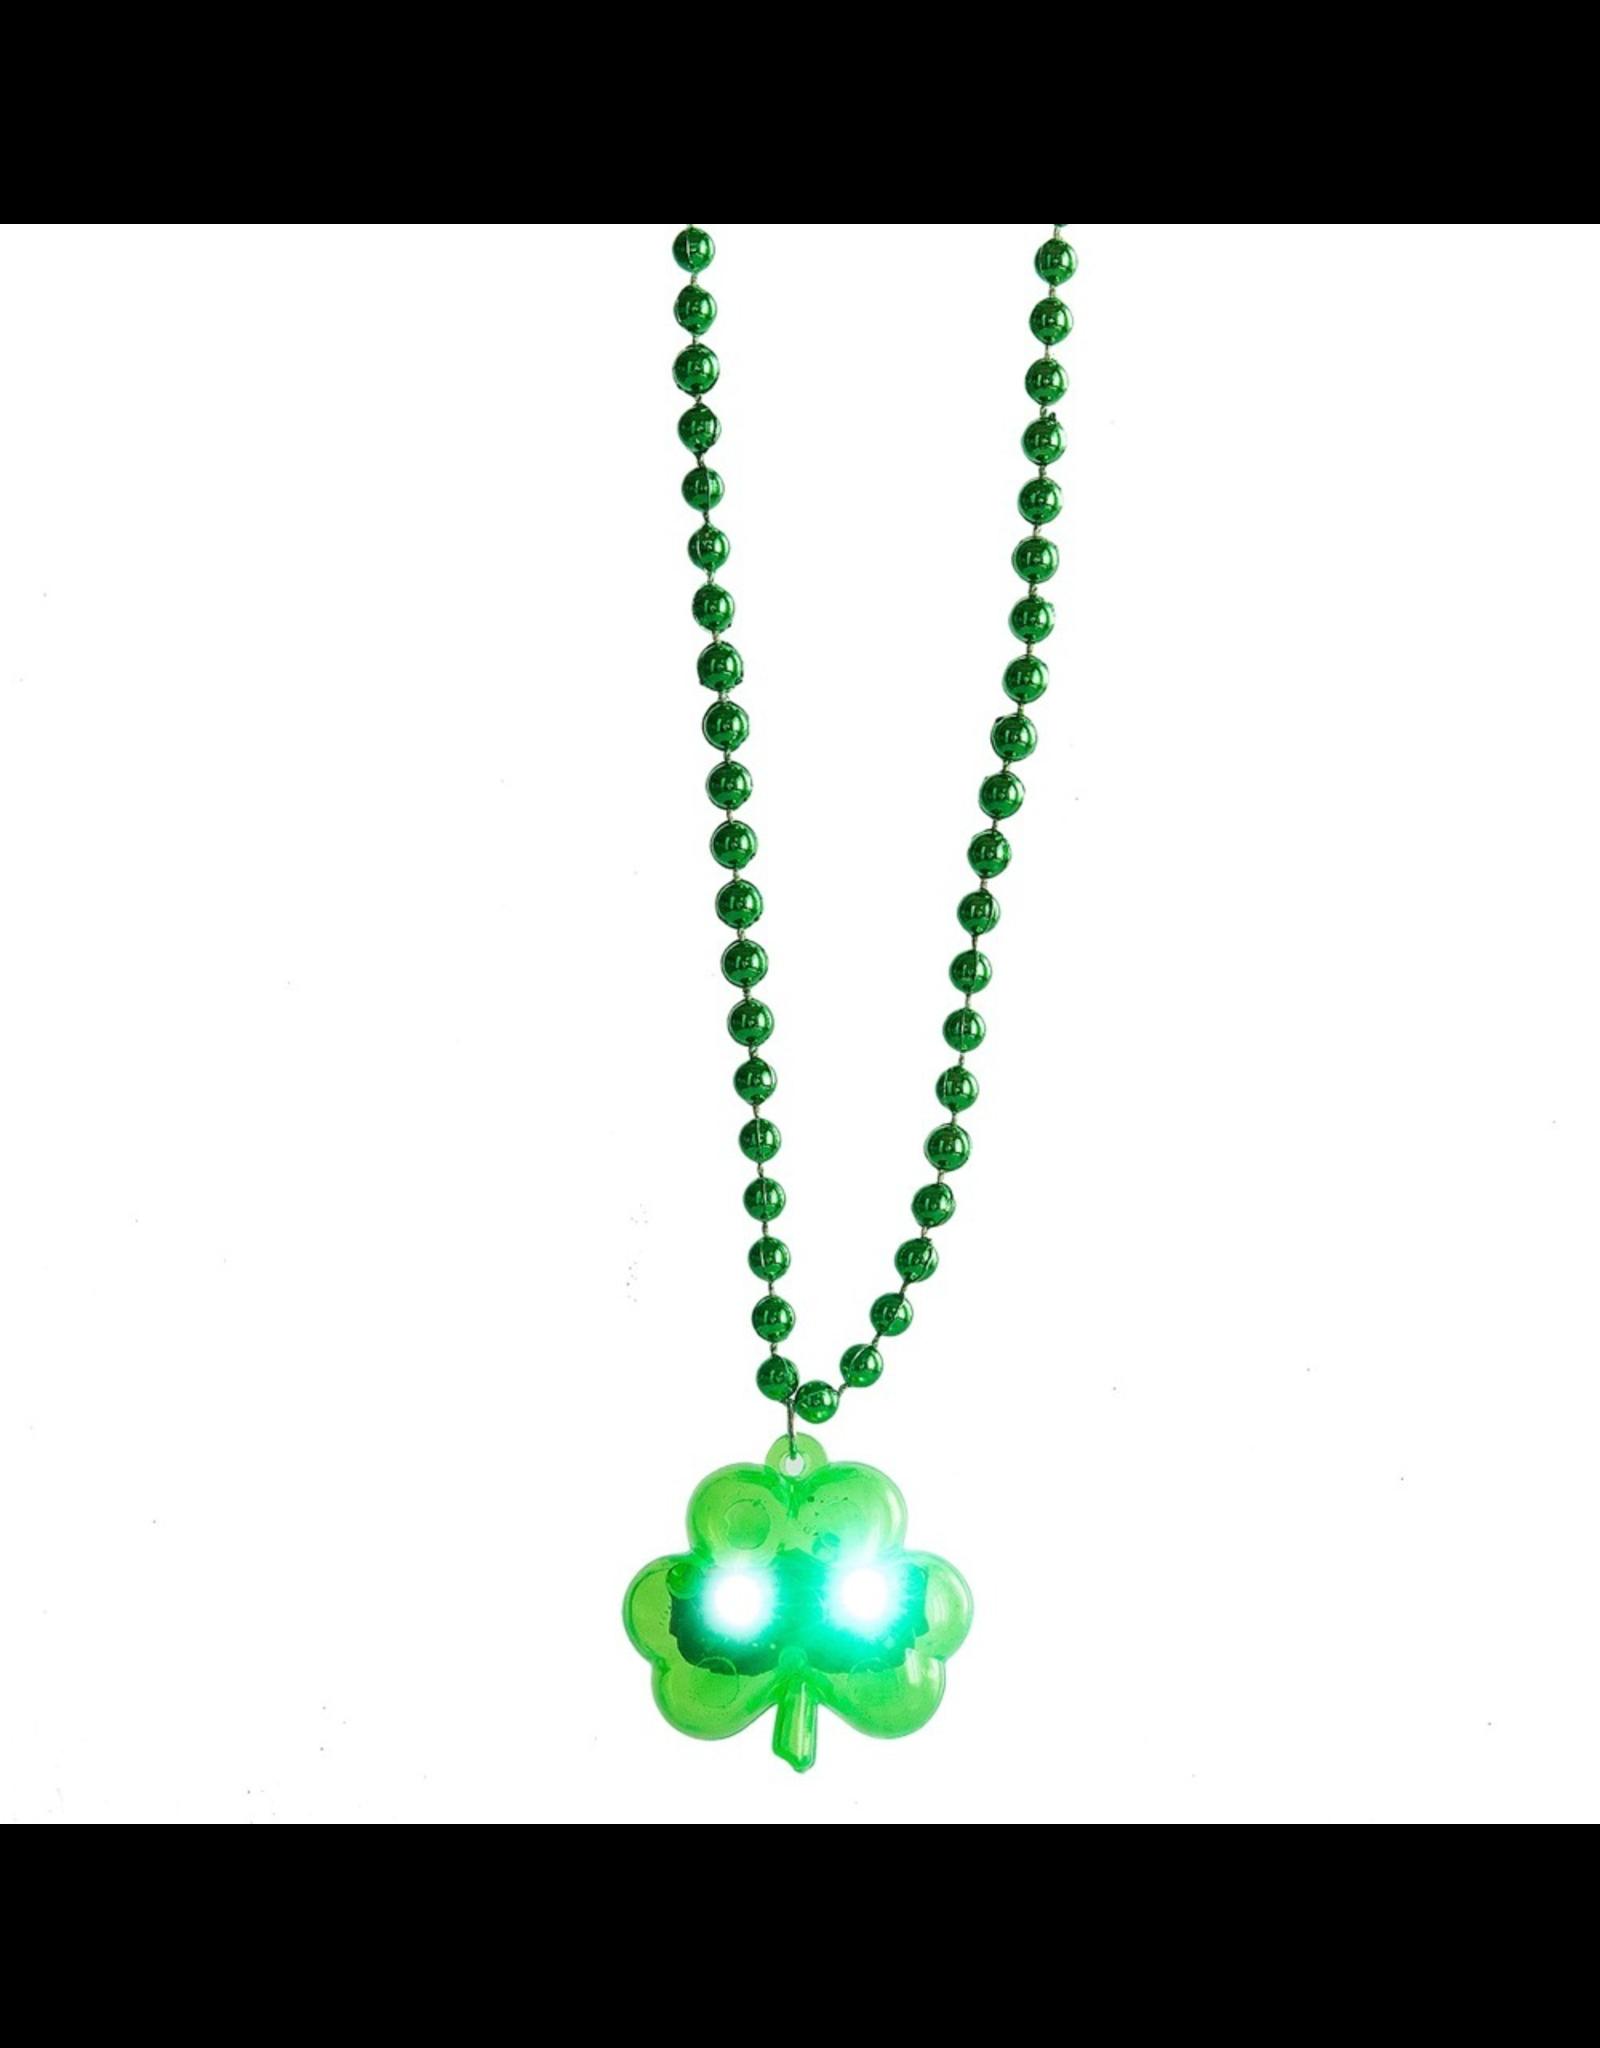 Midwest-CBK Irish-St Patricks Day LED Flashing Shamrock Necklace